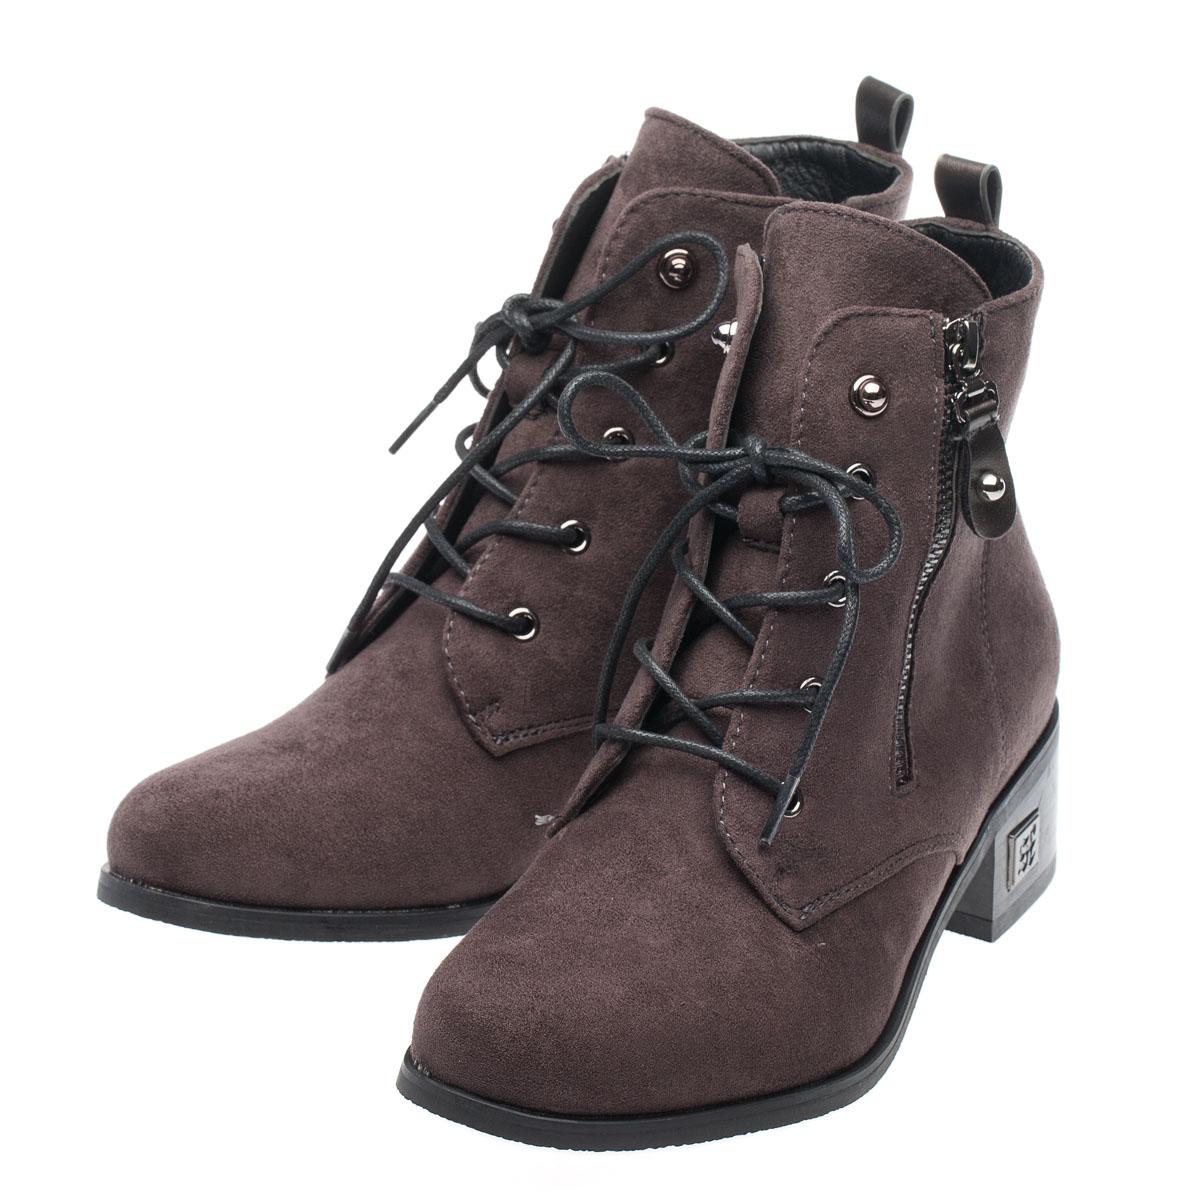 Фото - Ботинки демисезонные FERTO, 8784-7 ботинки демисезонные ferto skl 008